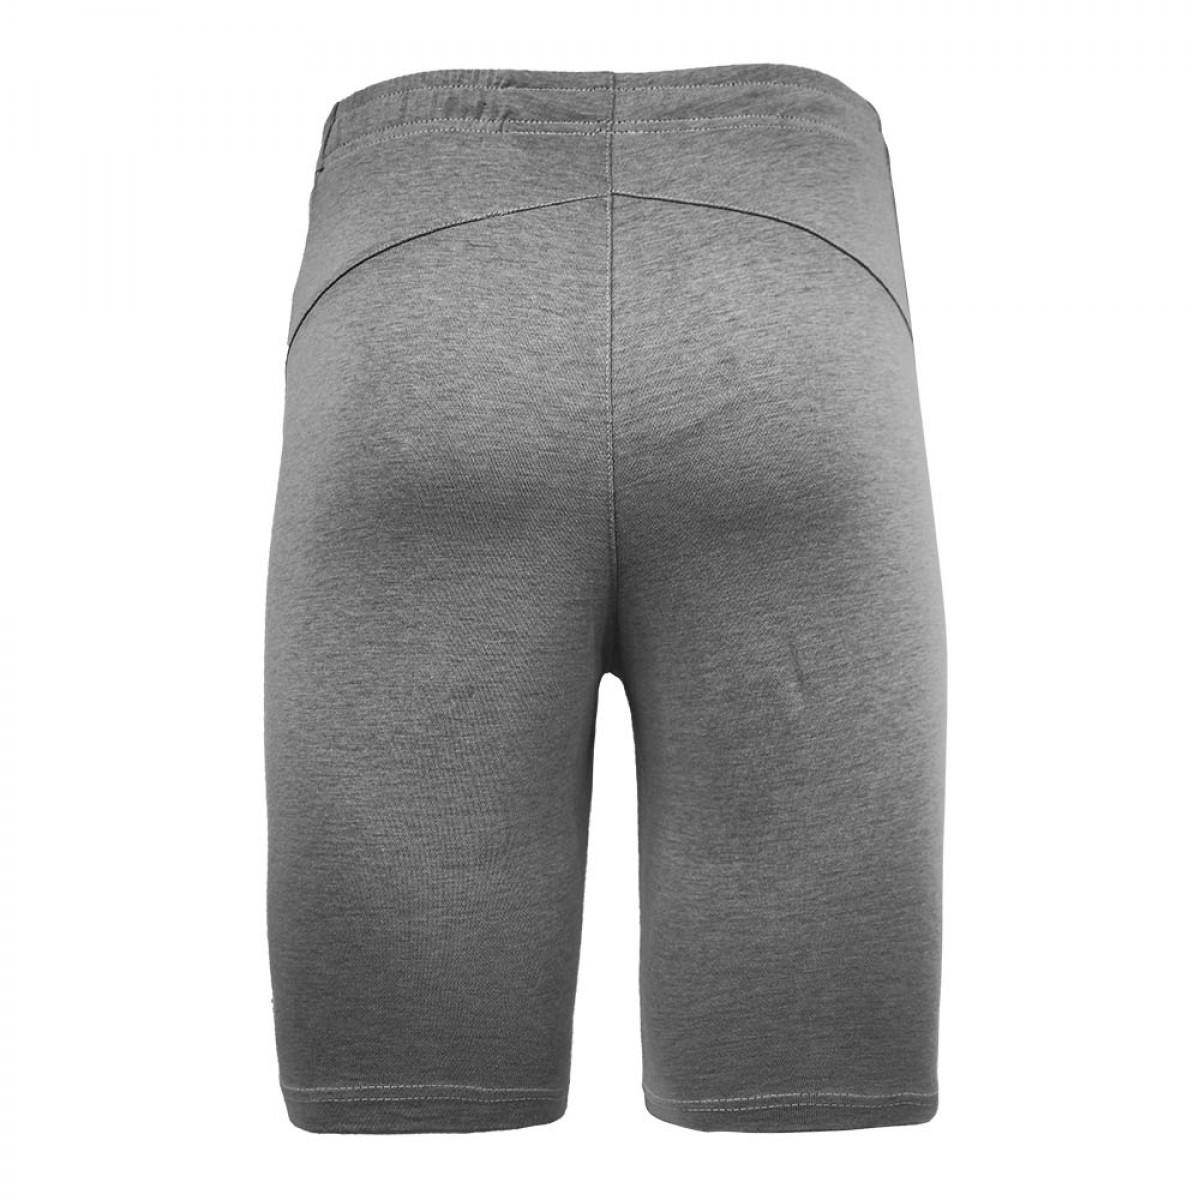 men-knitted-shorts-kkhs15928-10g